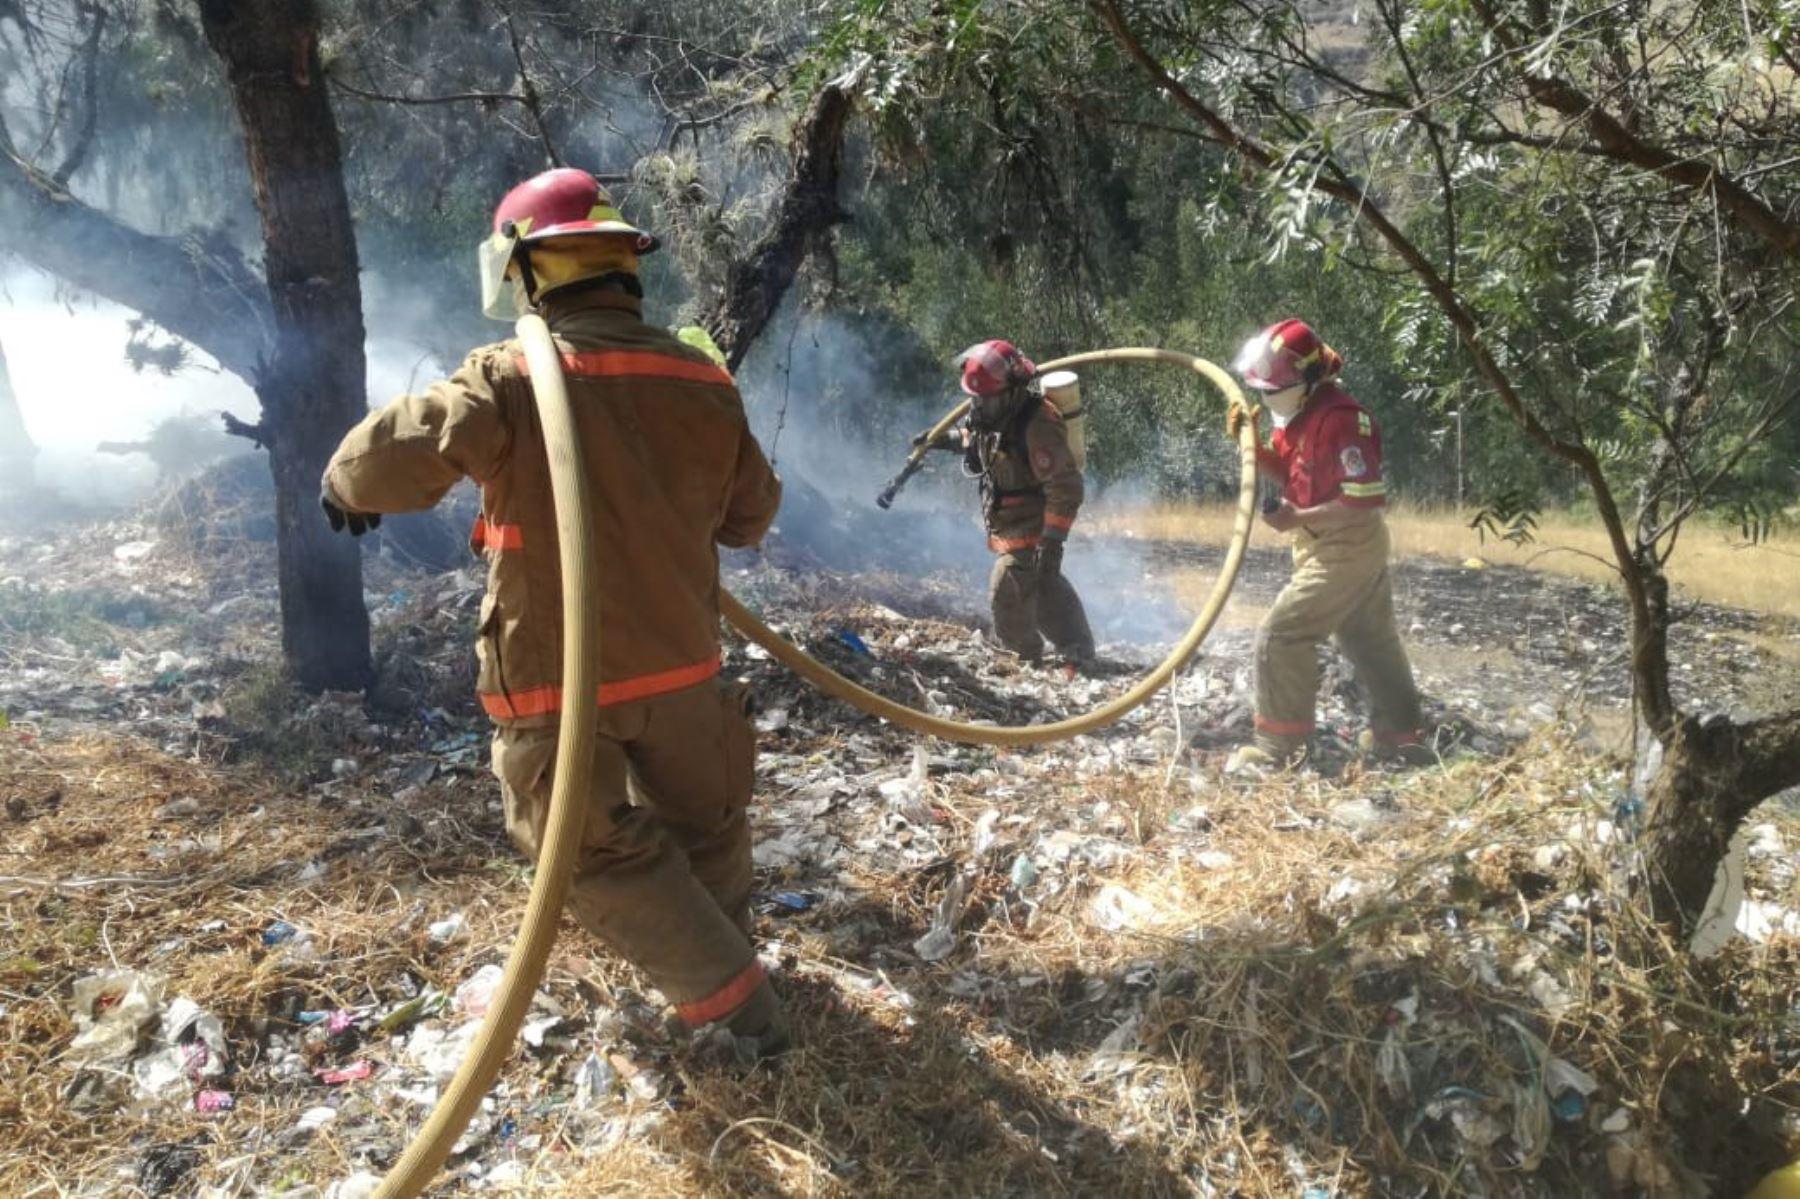 Incendio forestal arrasó con 15 hectáreas de bosque cerca del Parque Nacional Huascarán, región Áncash.